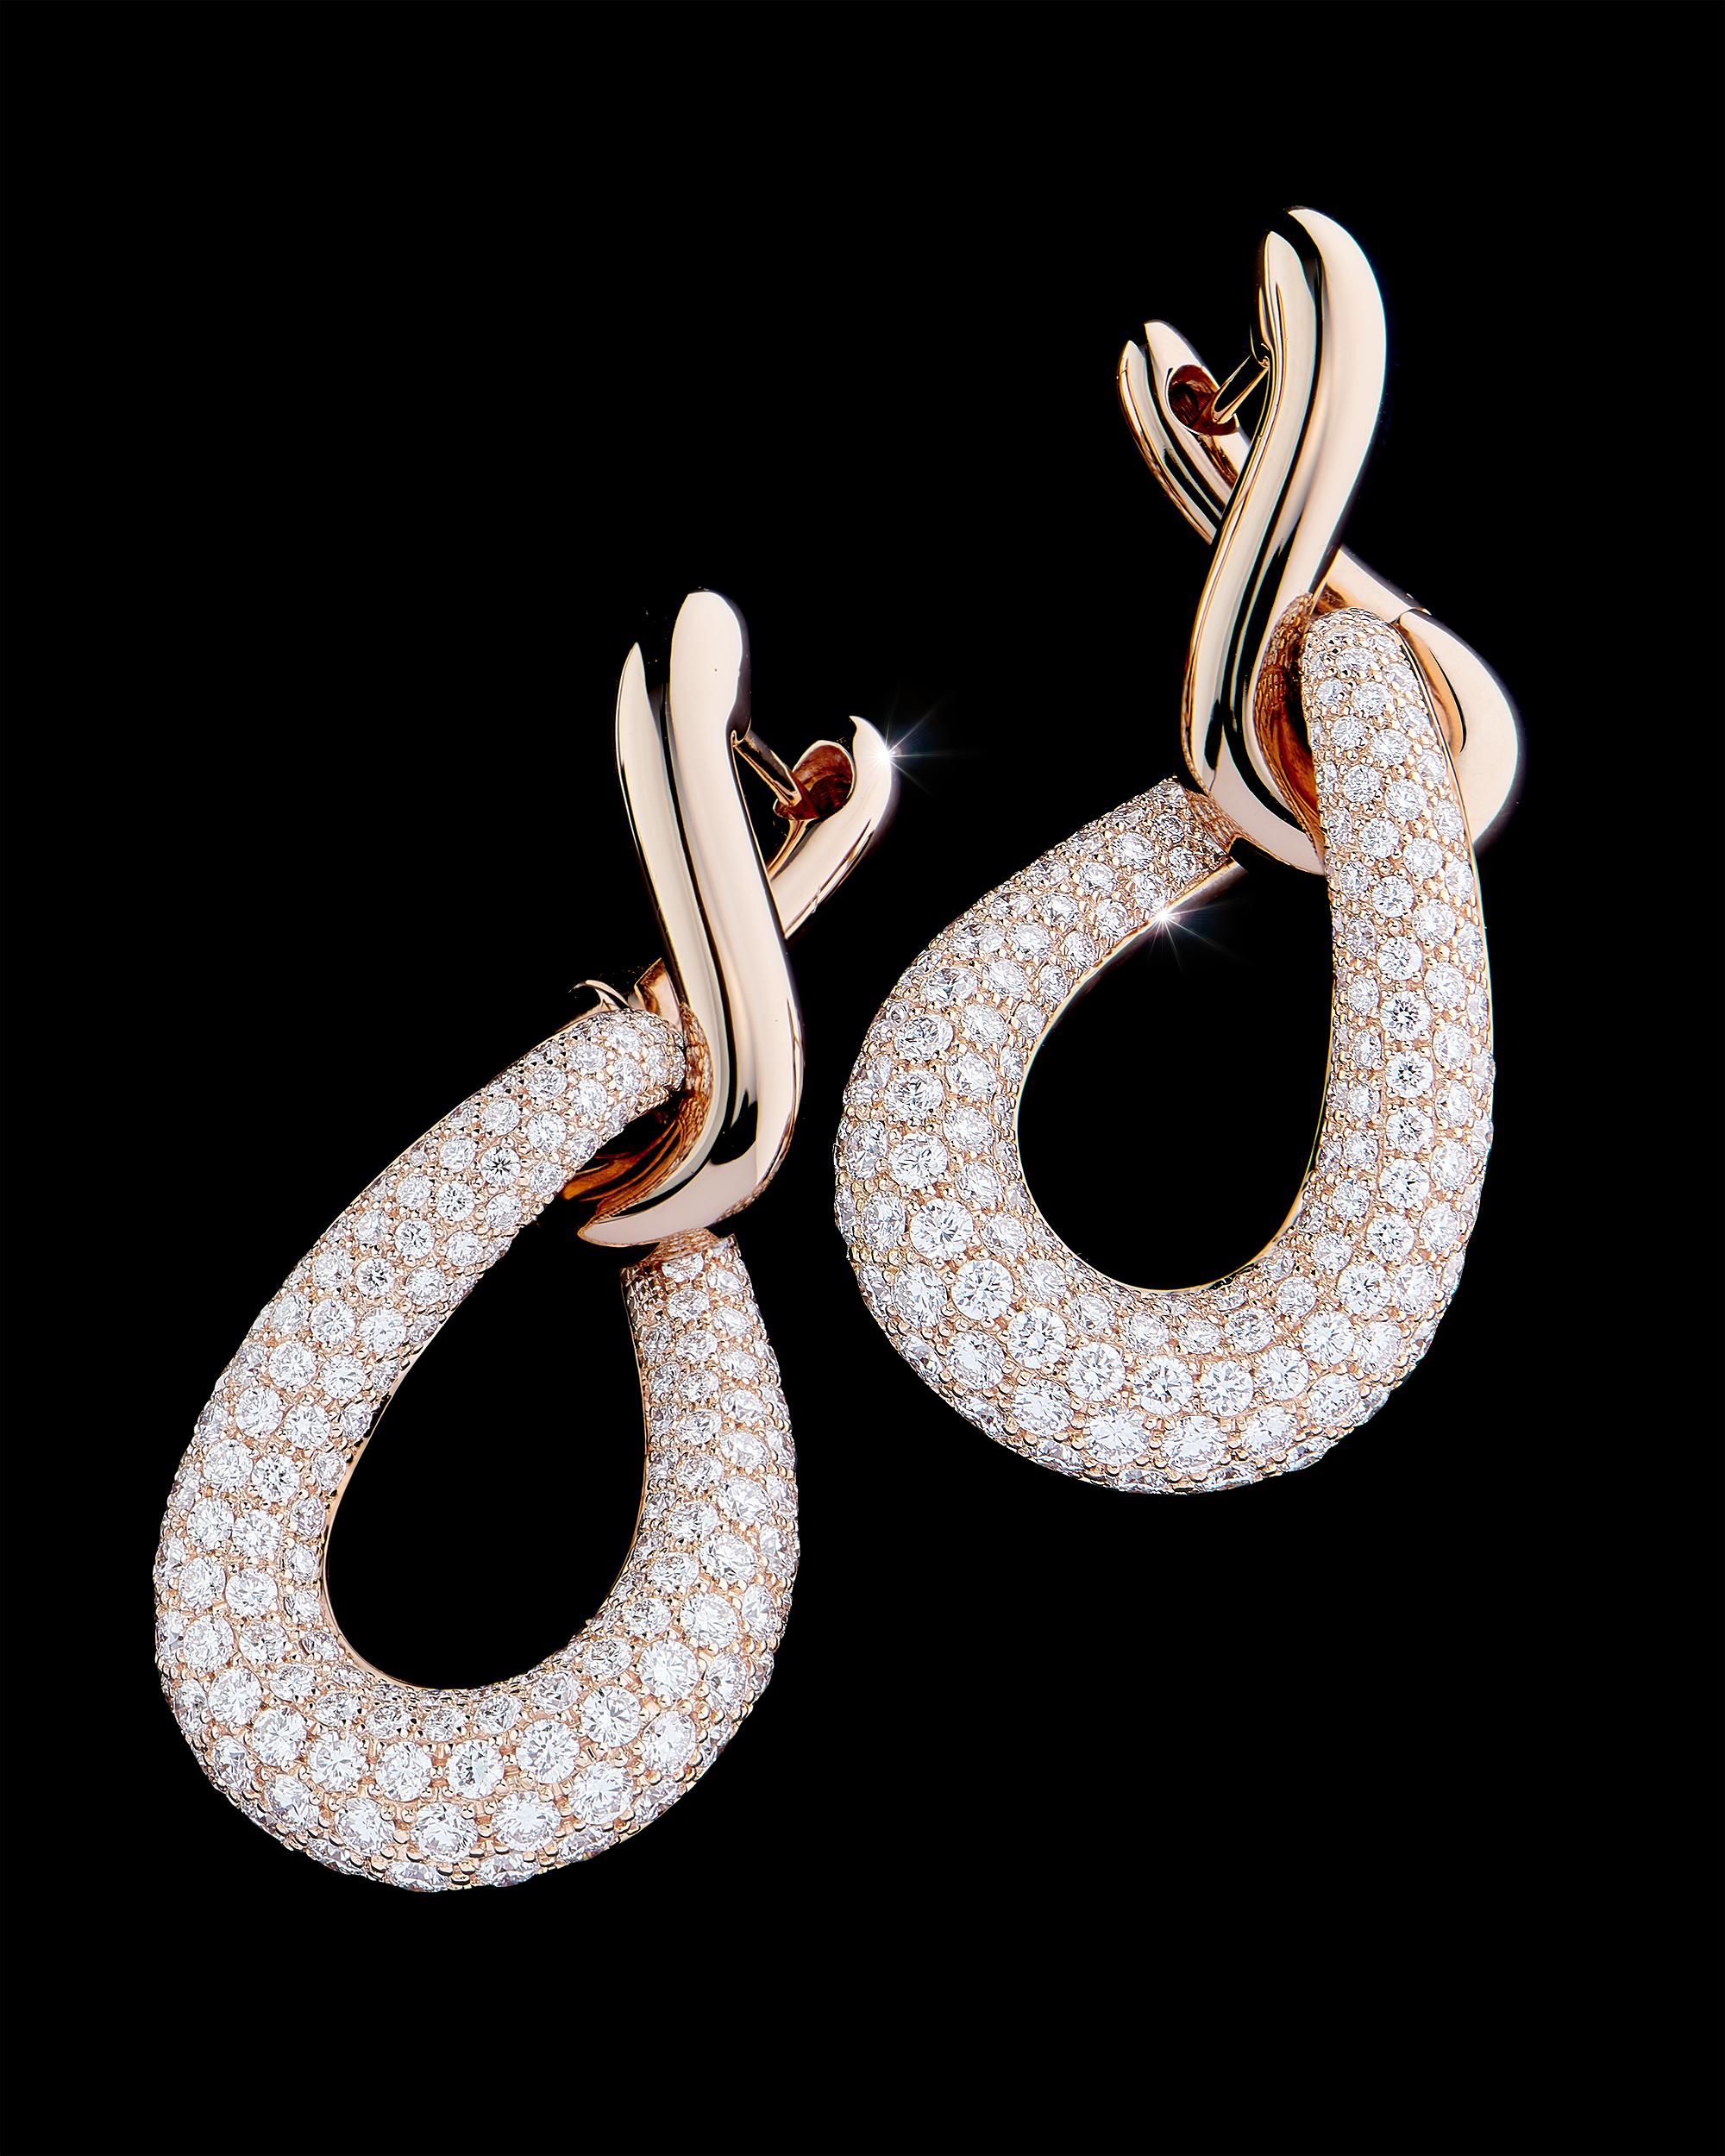 photographie de haute joaillerie, boucles d'oreilles en or avec un pavage diamants. Photographe de bijoux haute joaillerie suisse philippe Hahn